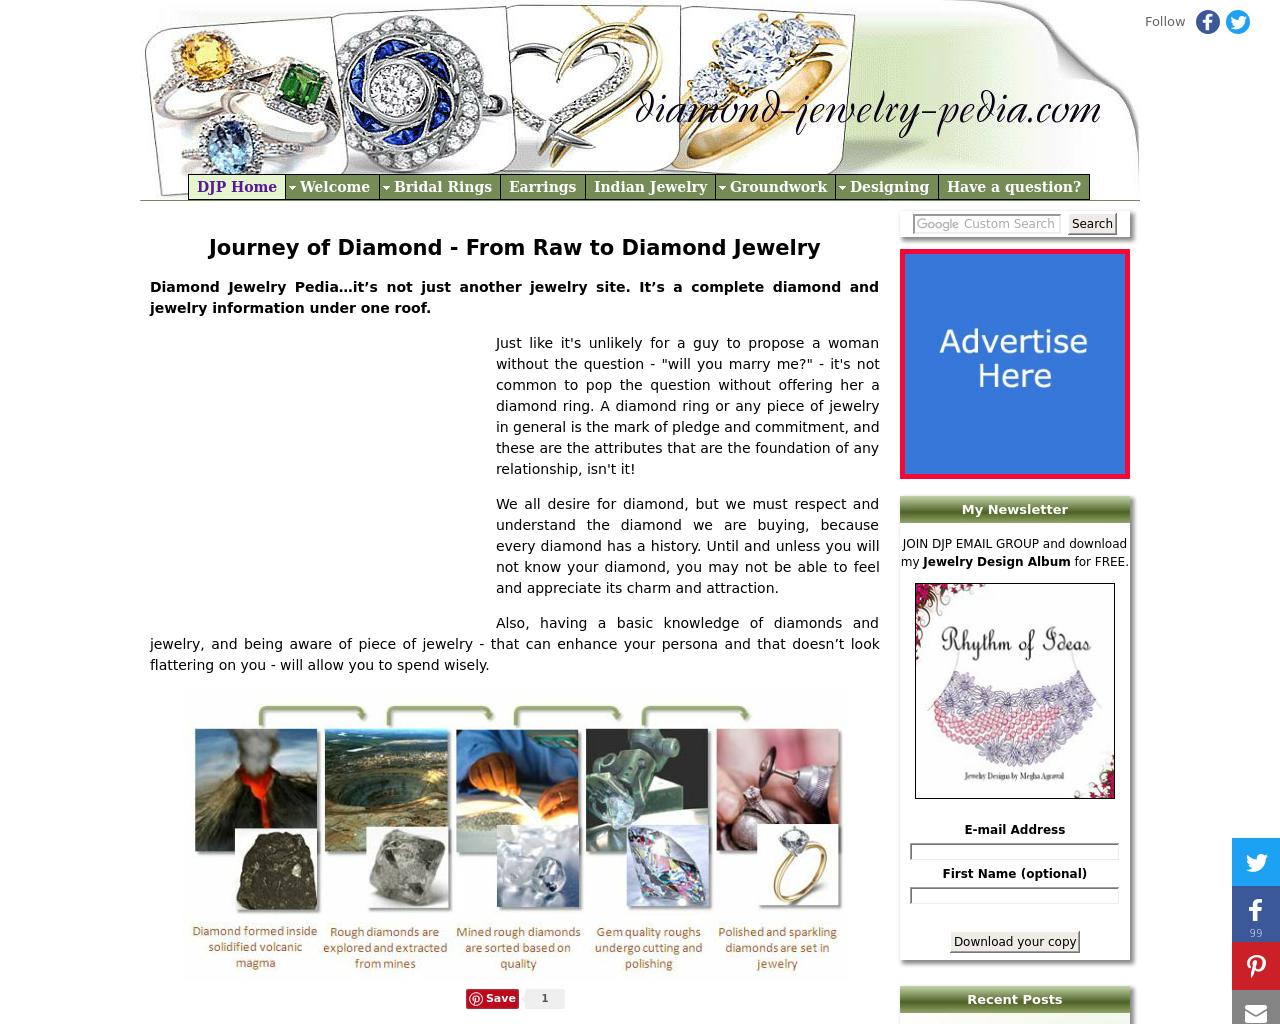 Diamond-Jewelry-Pedia-Advertising-Reviews-Pricing